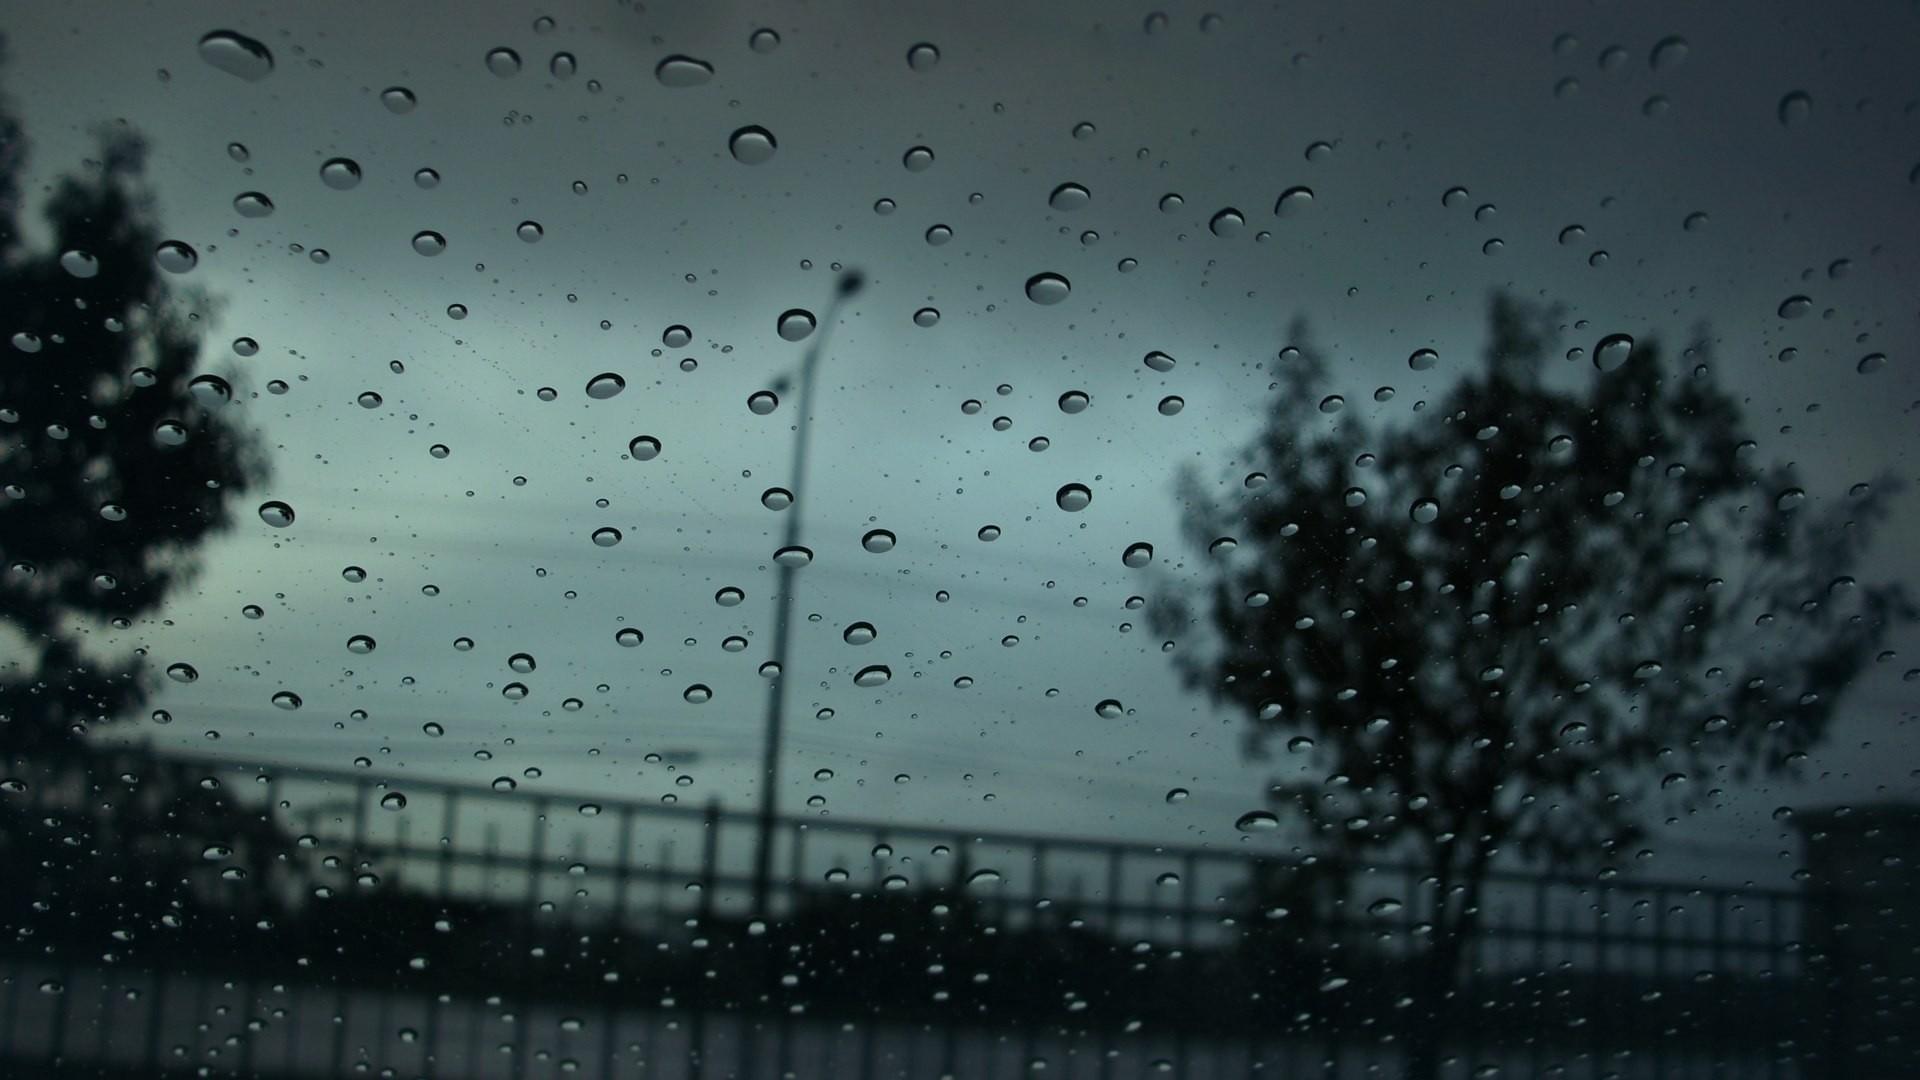 Hình nền : cây, Đơn sắc, Đô thị, tuyết, mưa, nhiếp ảnh, giọt nước, không khí, Nước trên kính, Đóng băng, Thời tiết, rơi vãi, hàng, bóng tối, Hình nền máy ...